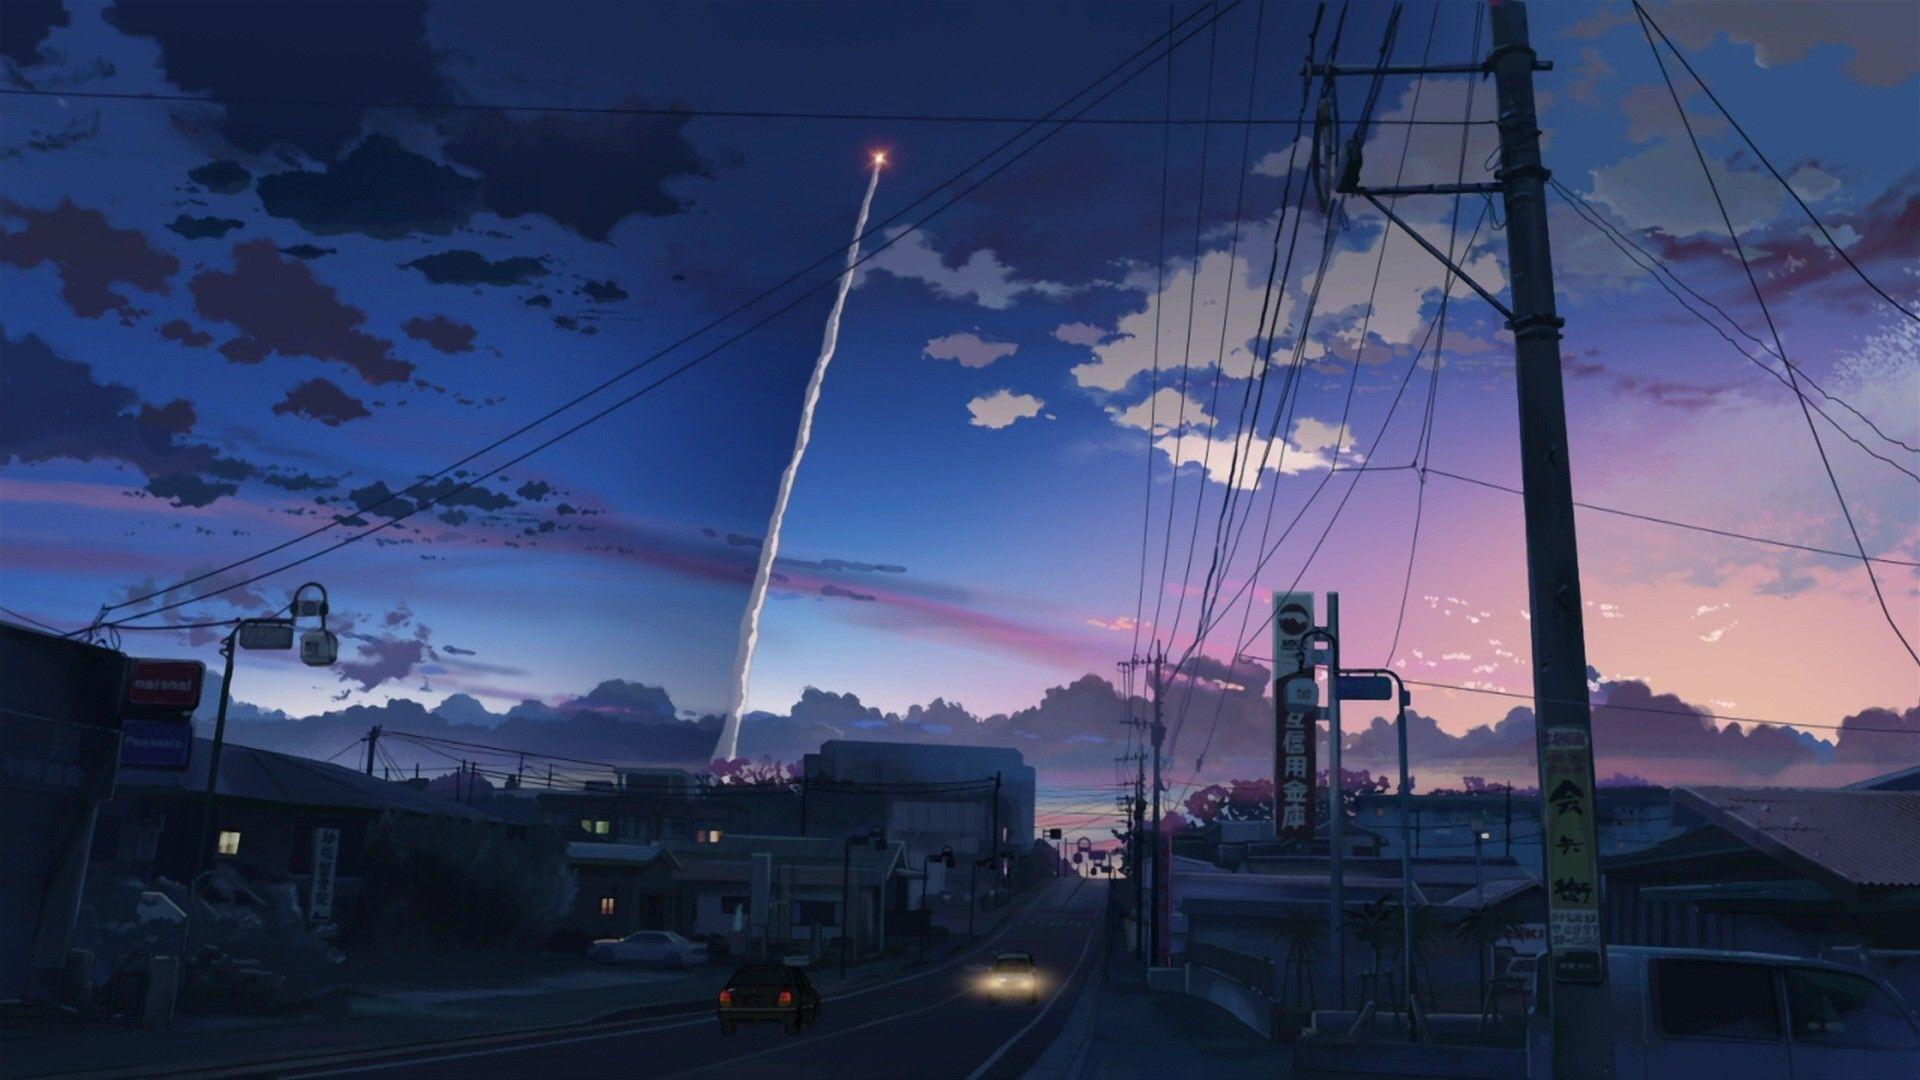 Res 1920x1080 Anime Scenery Wallpaper Pemandangan Anime Pemandangan Orang Lucu